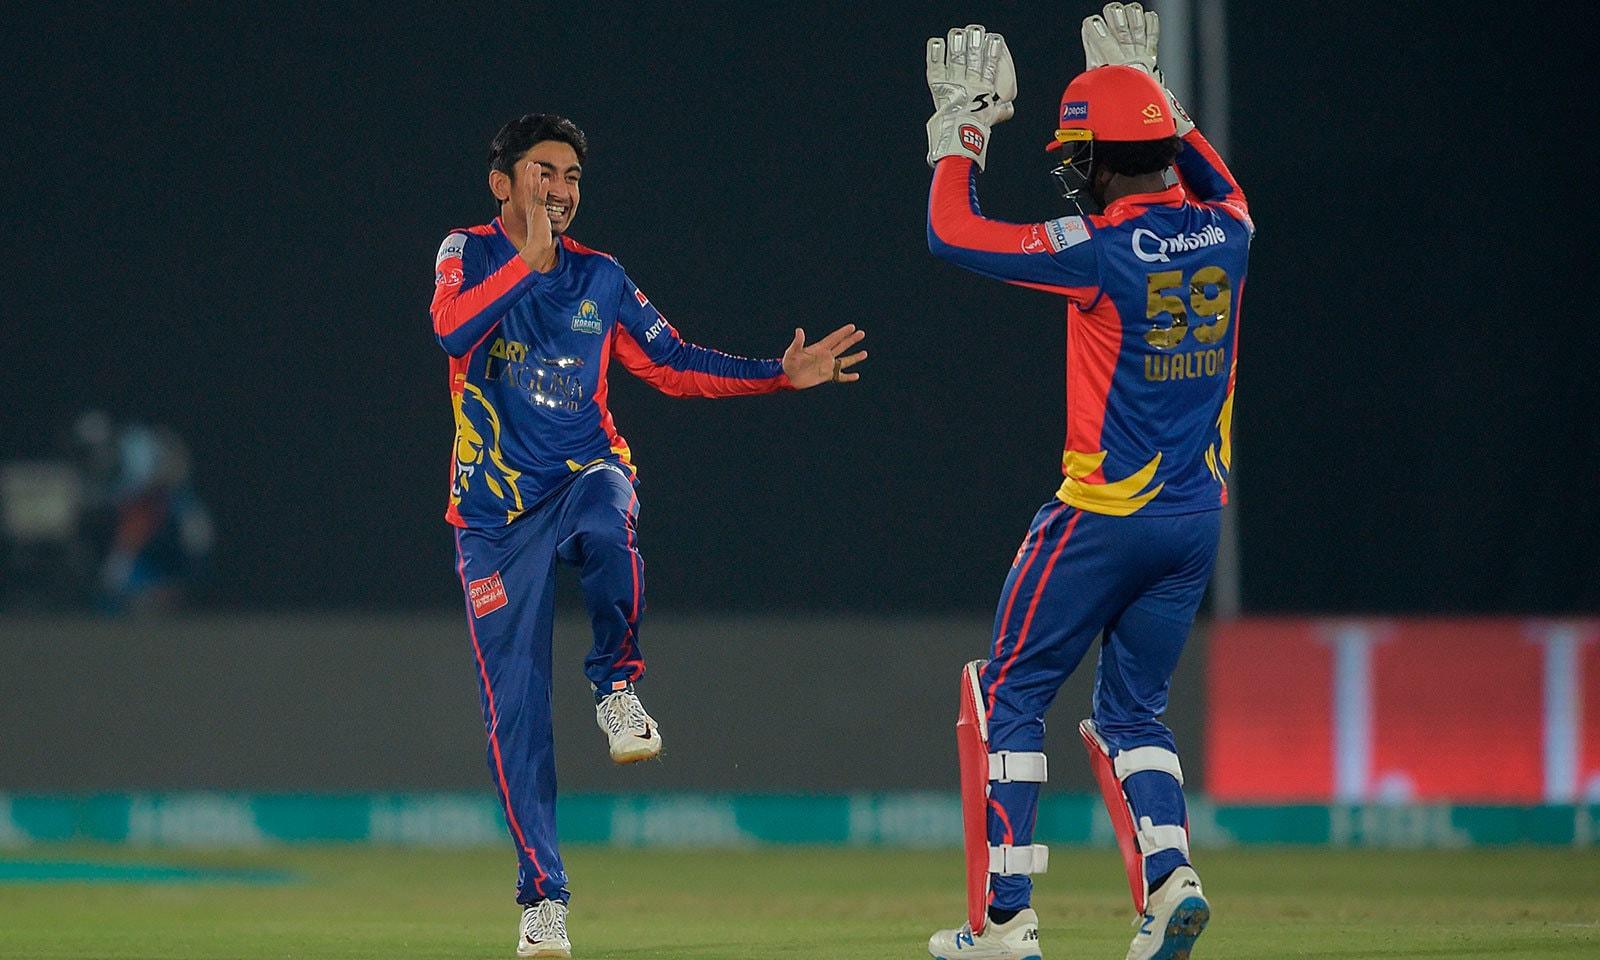 کراچی کے عمر خان، عماد وسیم اور محمد عامر نے ایک،ایک وکٹ حاصل کی—فوٹو:اے ایف پی